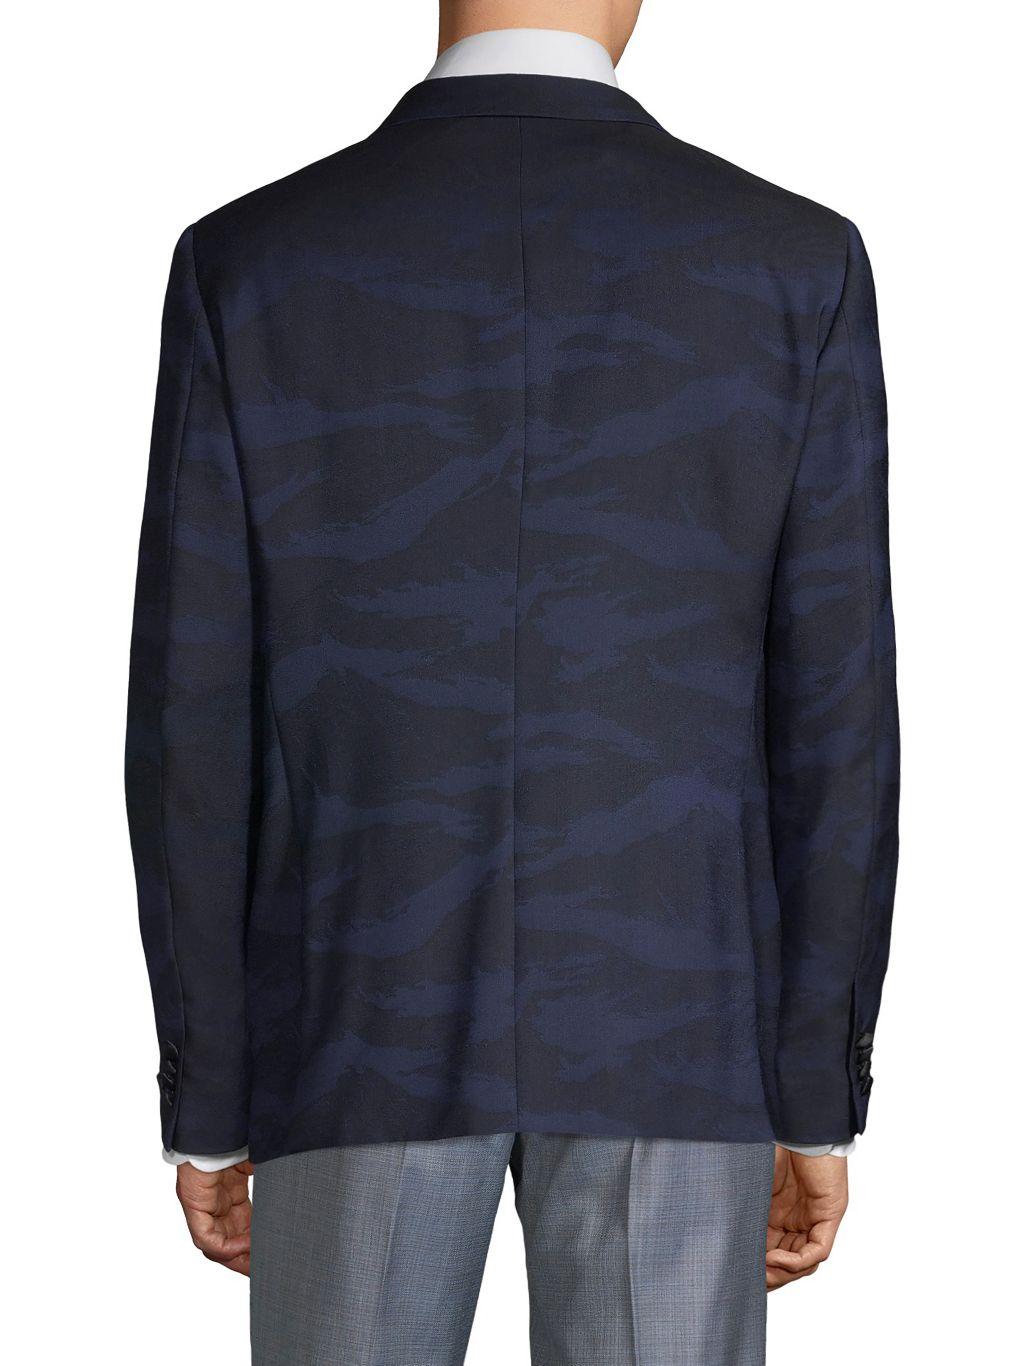 John Varvatos Star U.S.A. Modern-Fit Patterned Wool Dinner Jacket